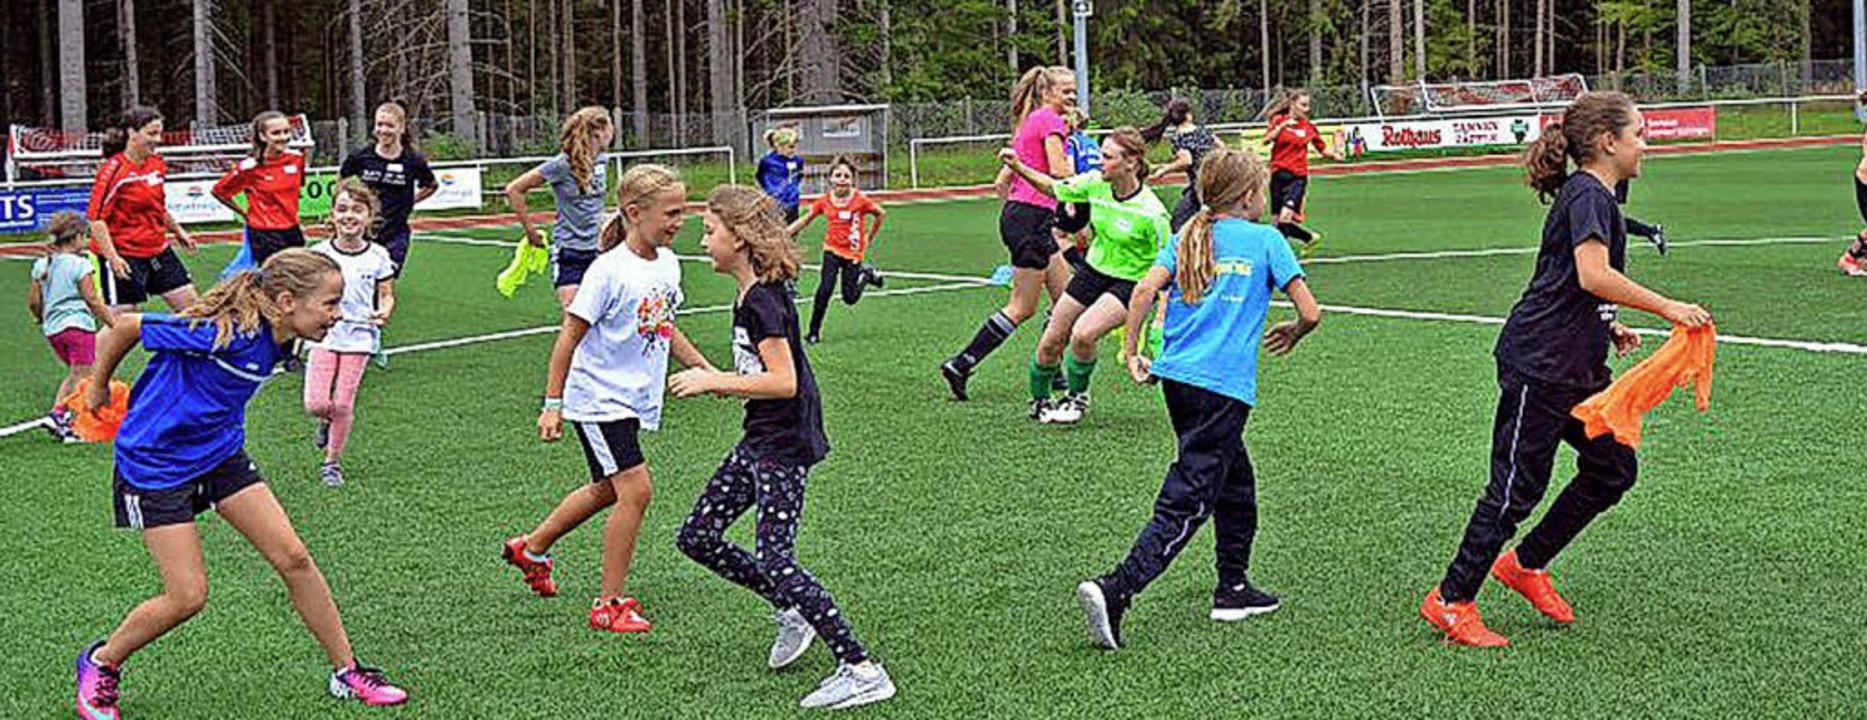 Interessante Bewegungsabläufe – ... – wurden spielerisch trainiert.    Foto: Wolfgang Scheu